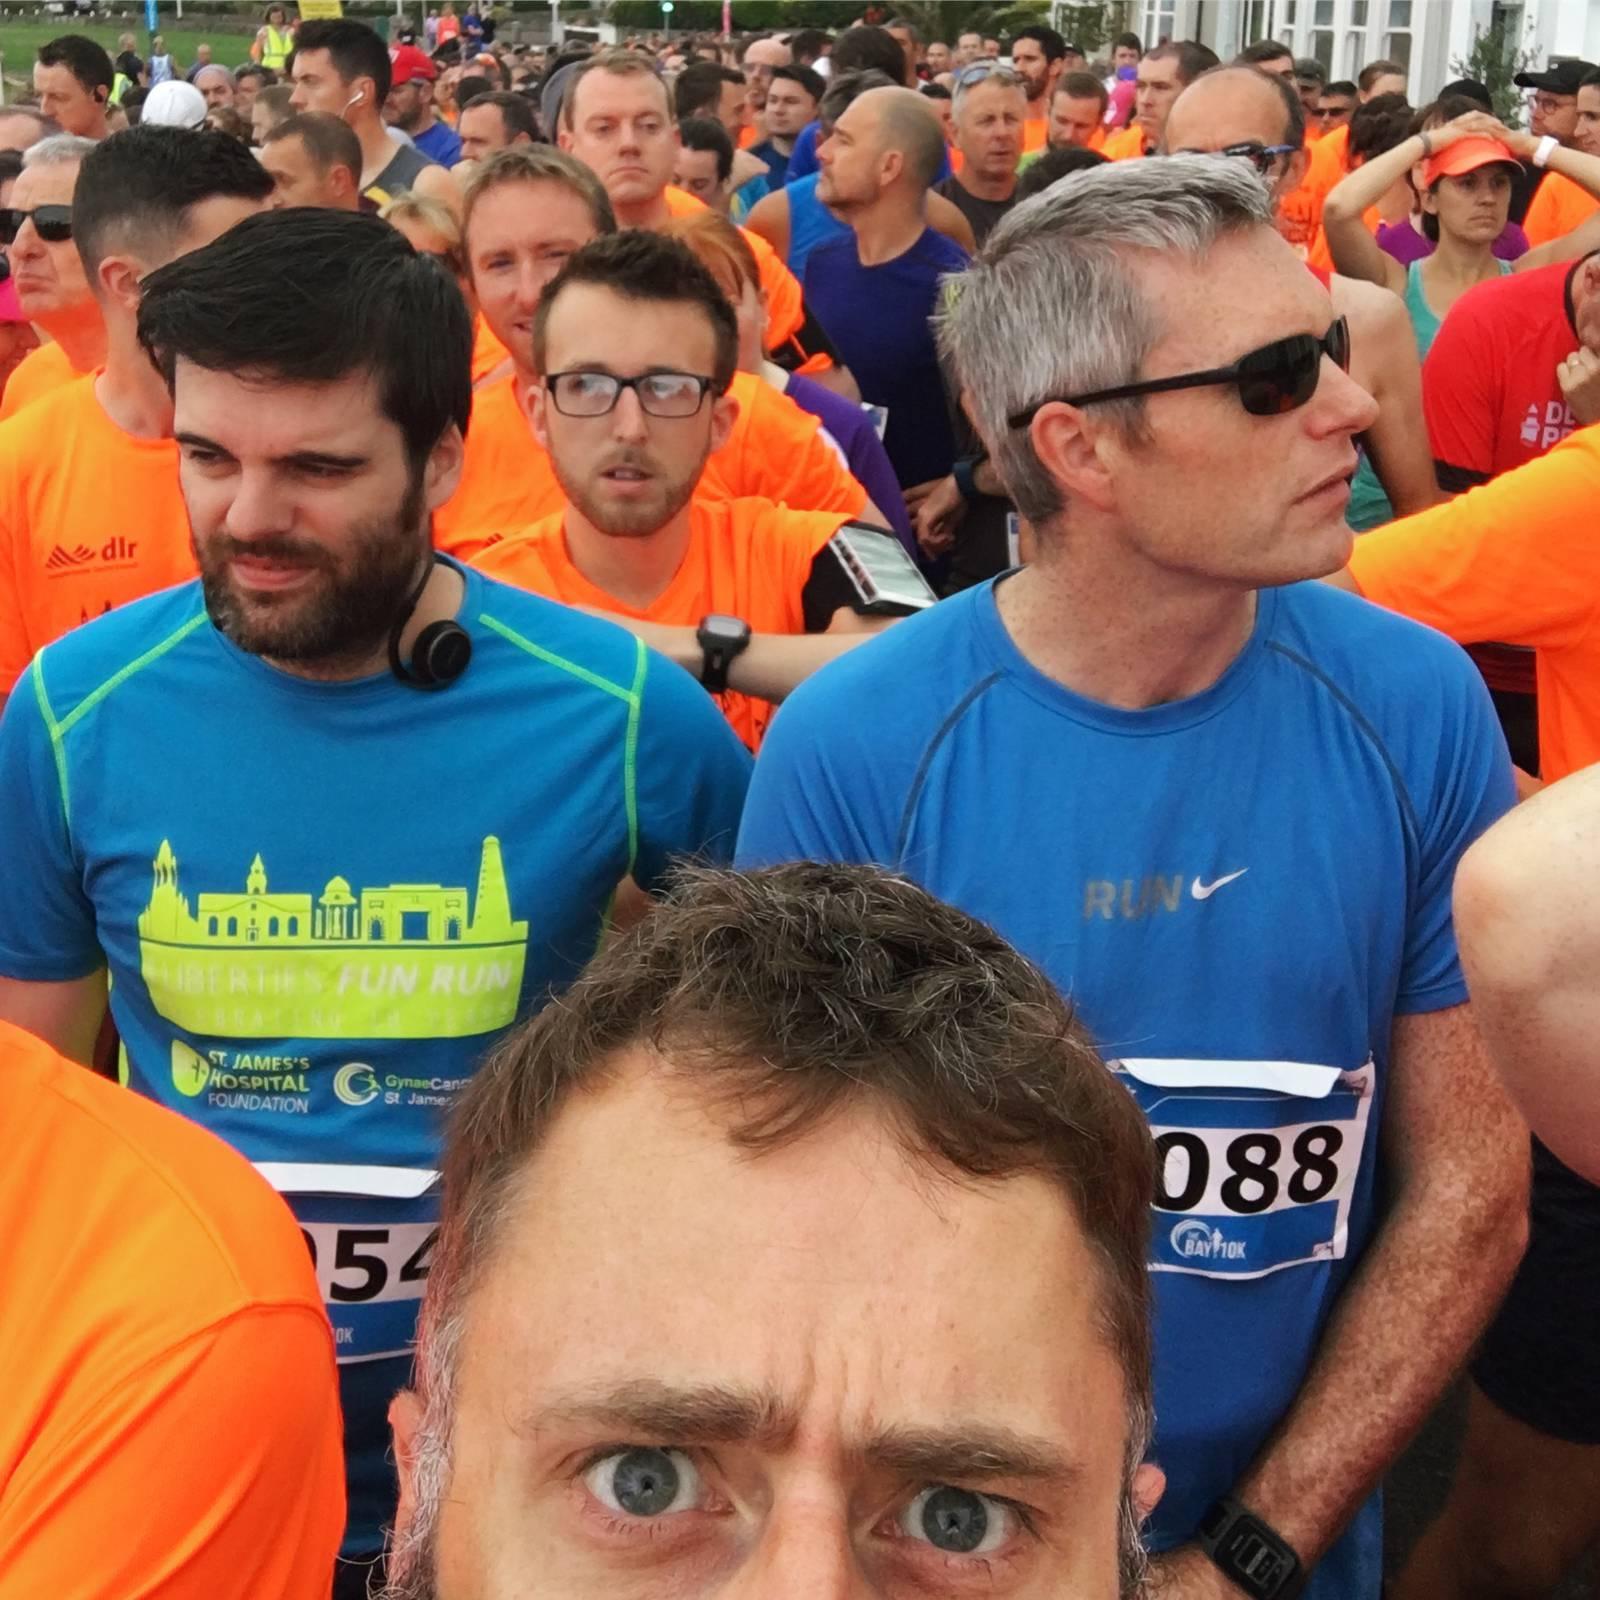 Anxious pre-race face